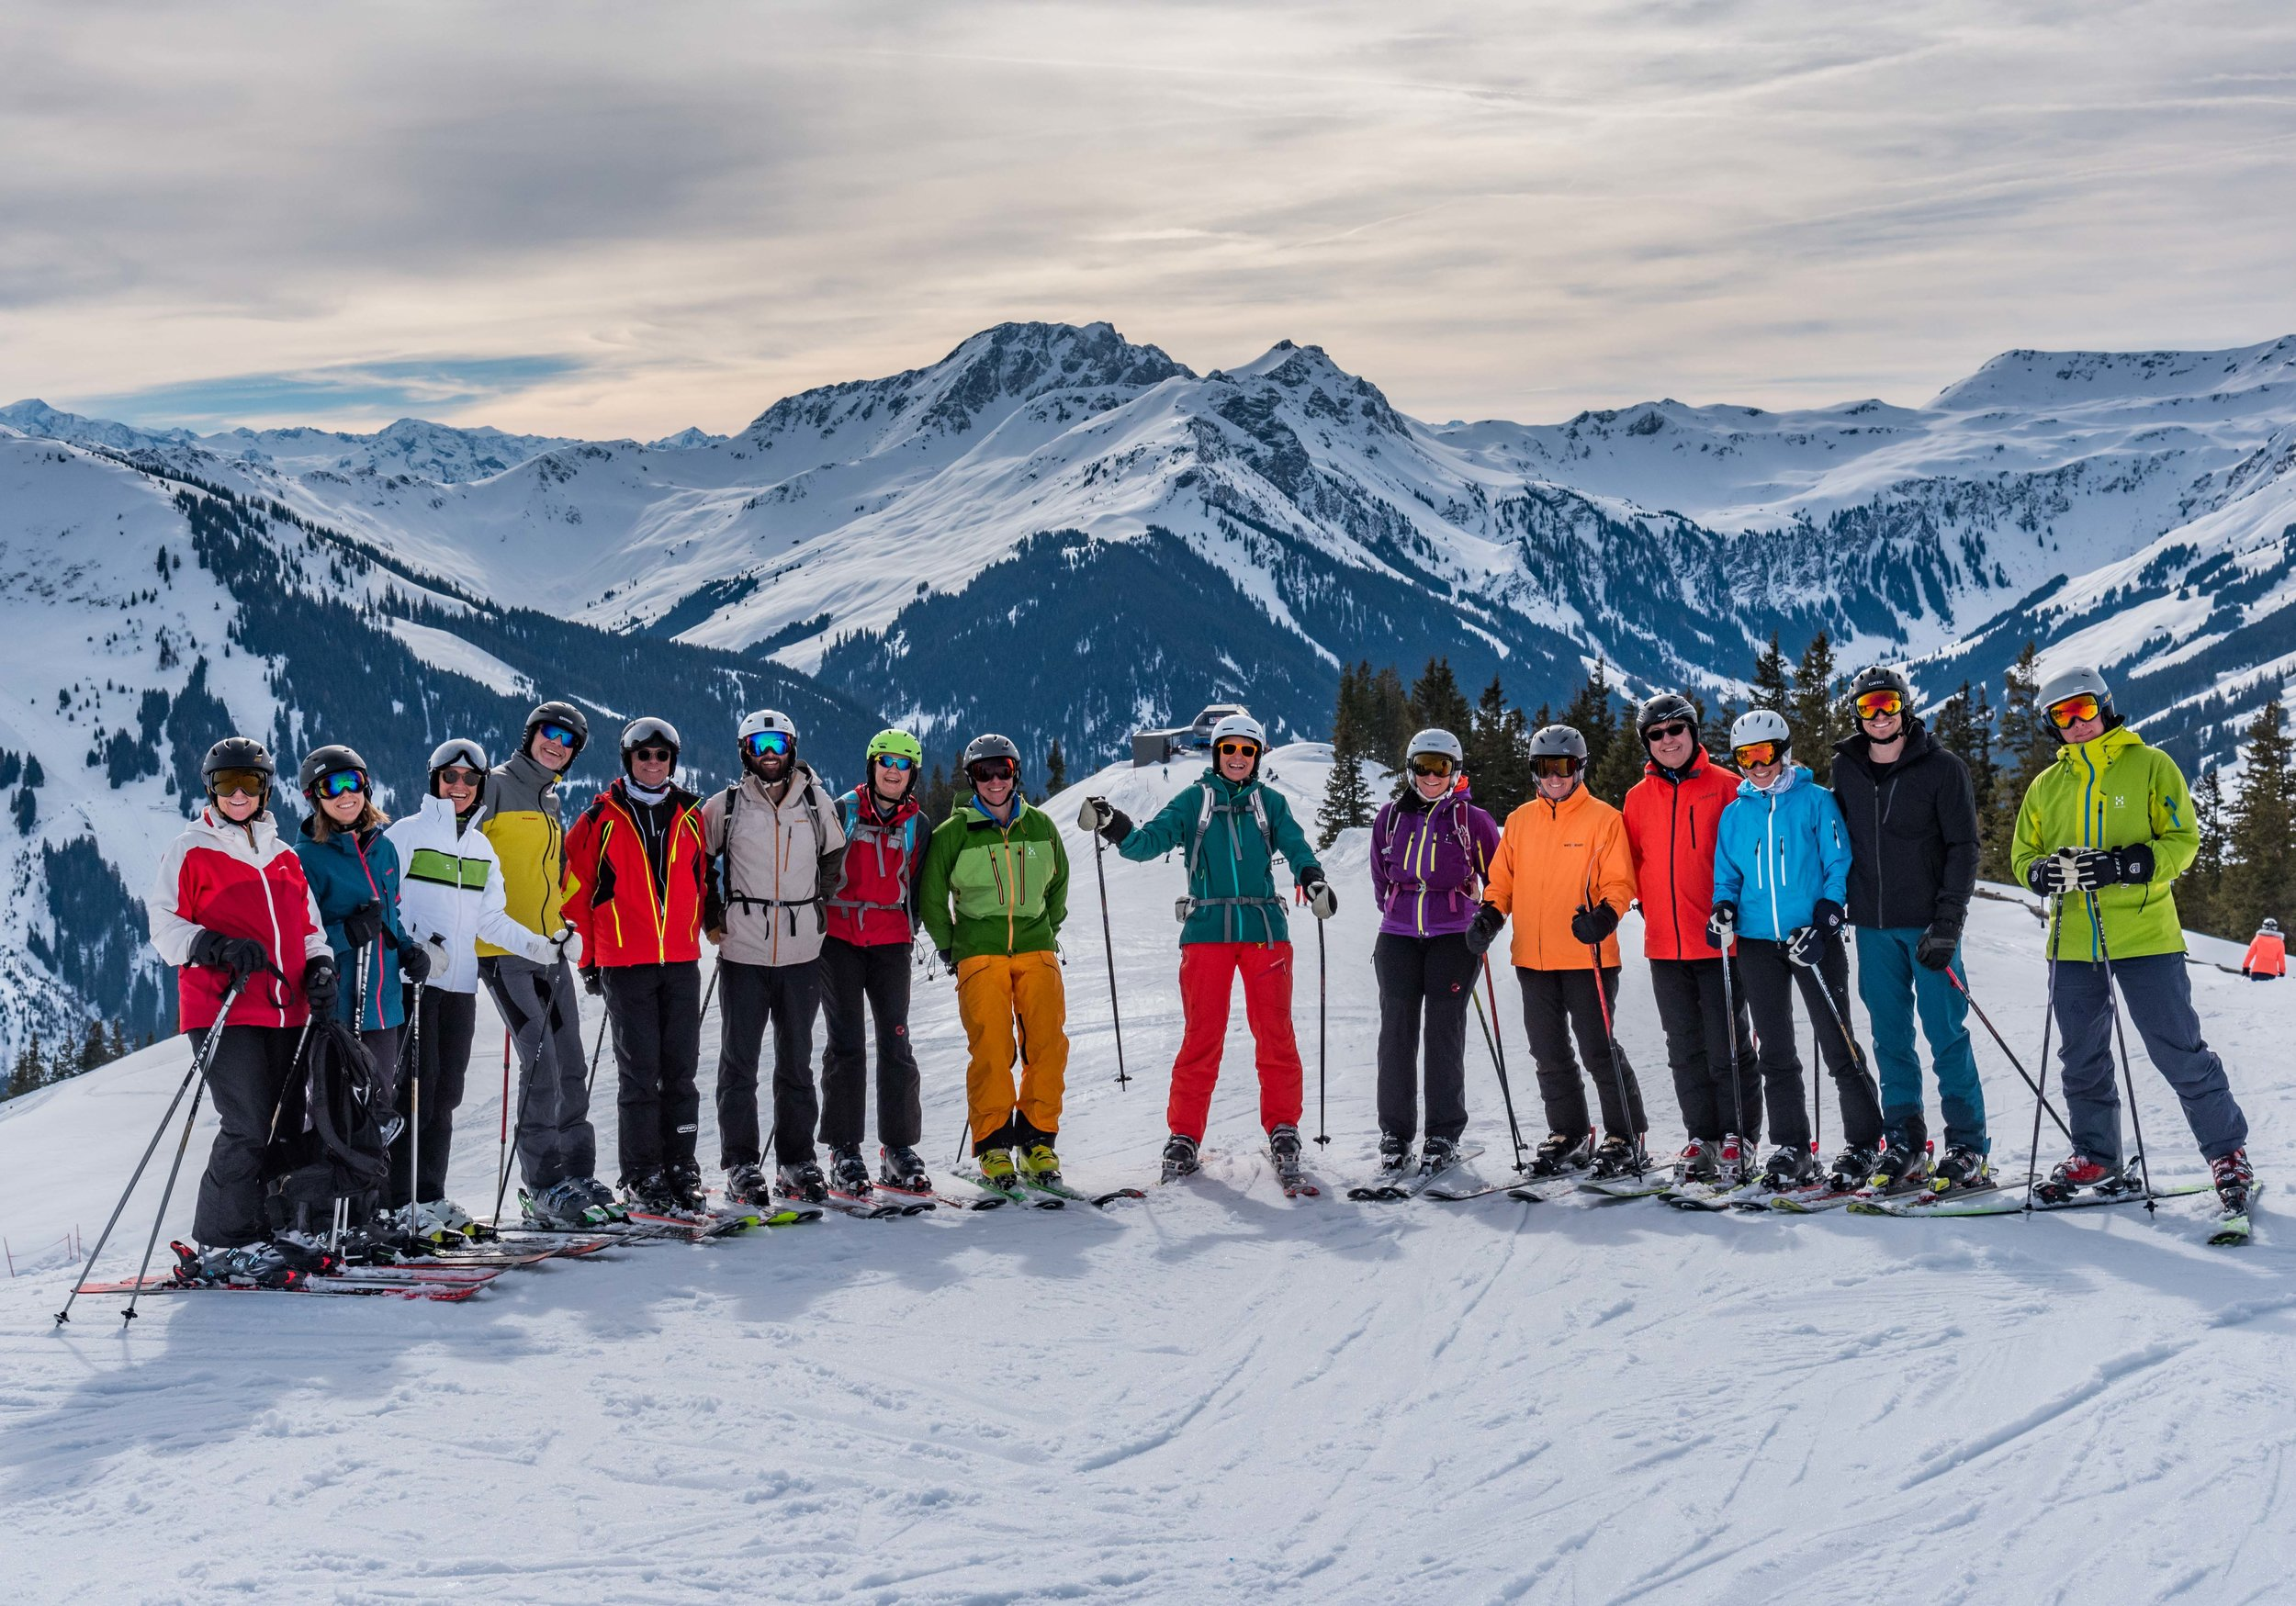 The ski gang.